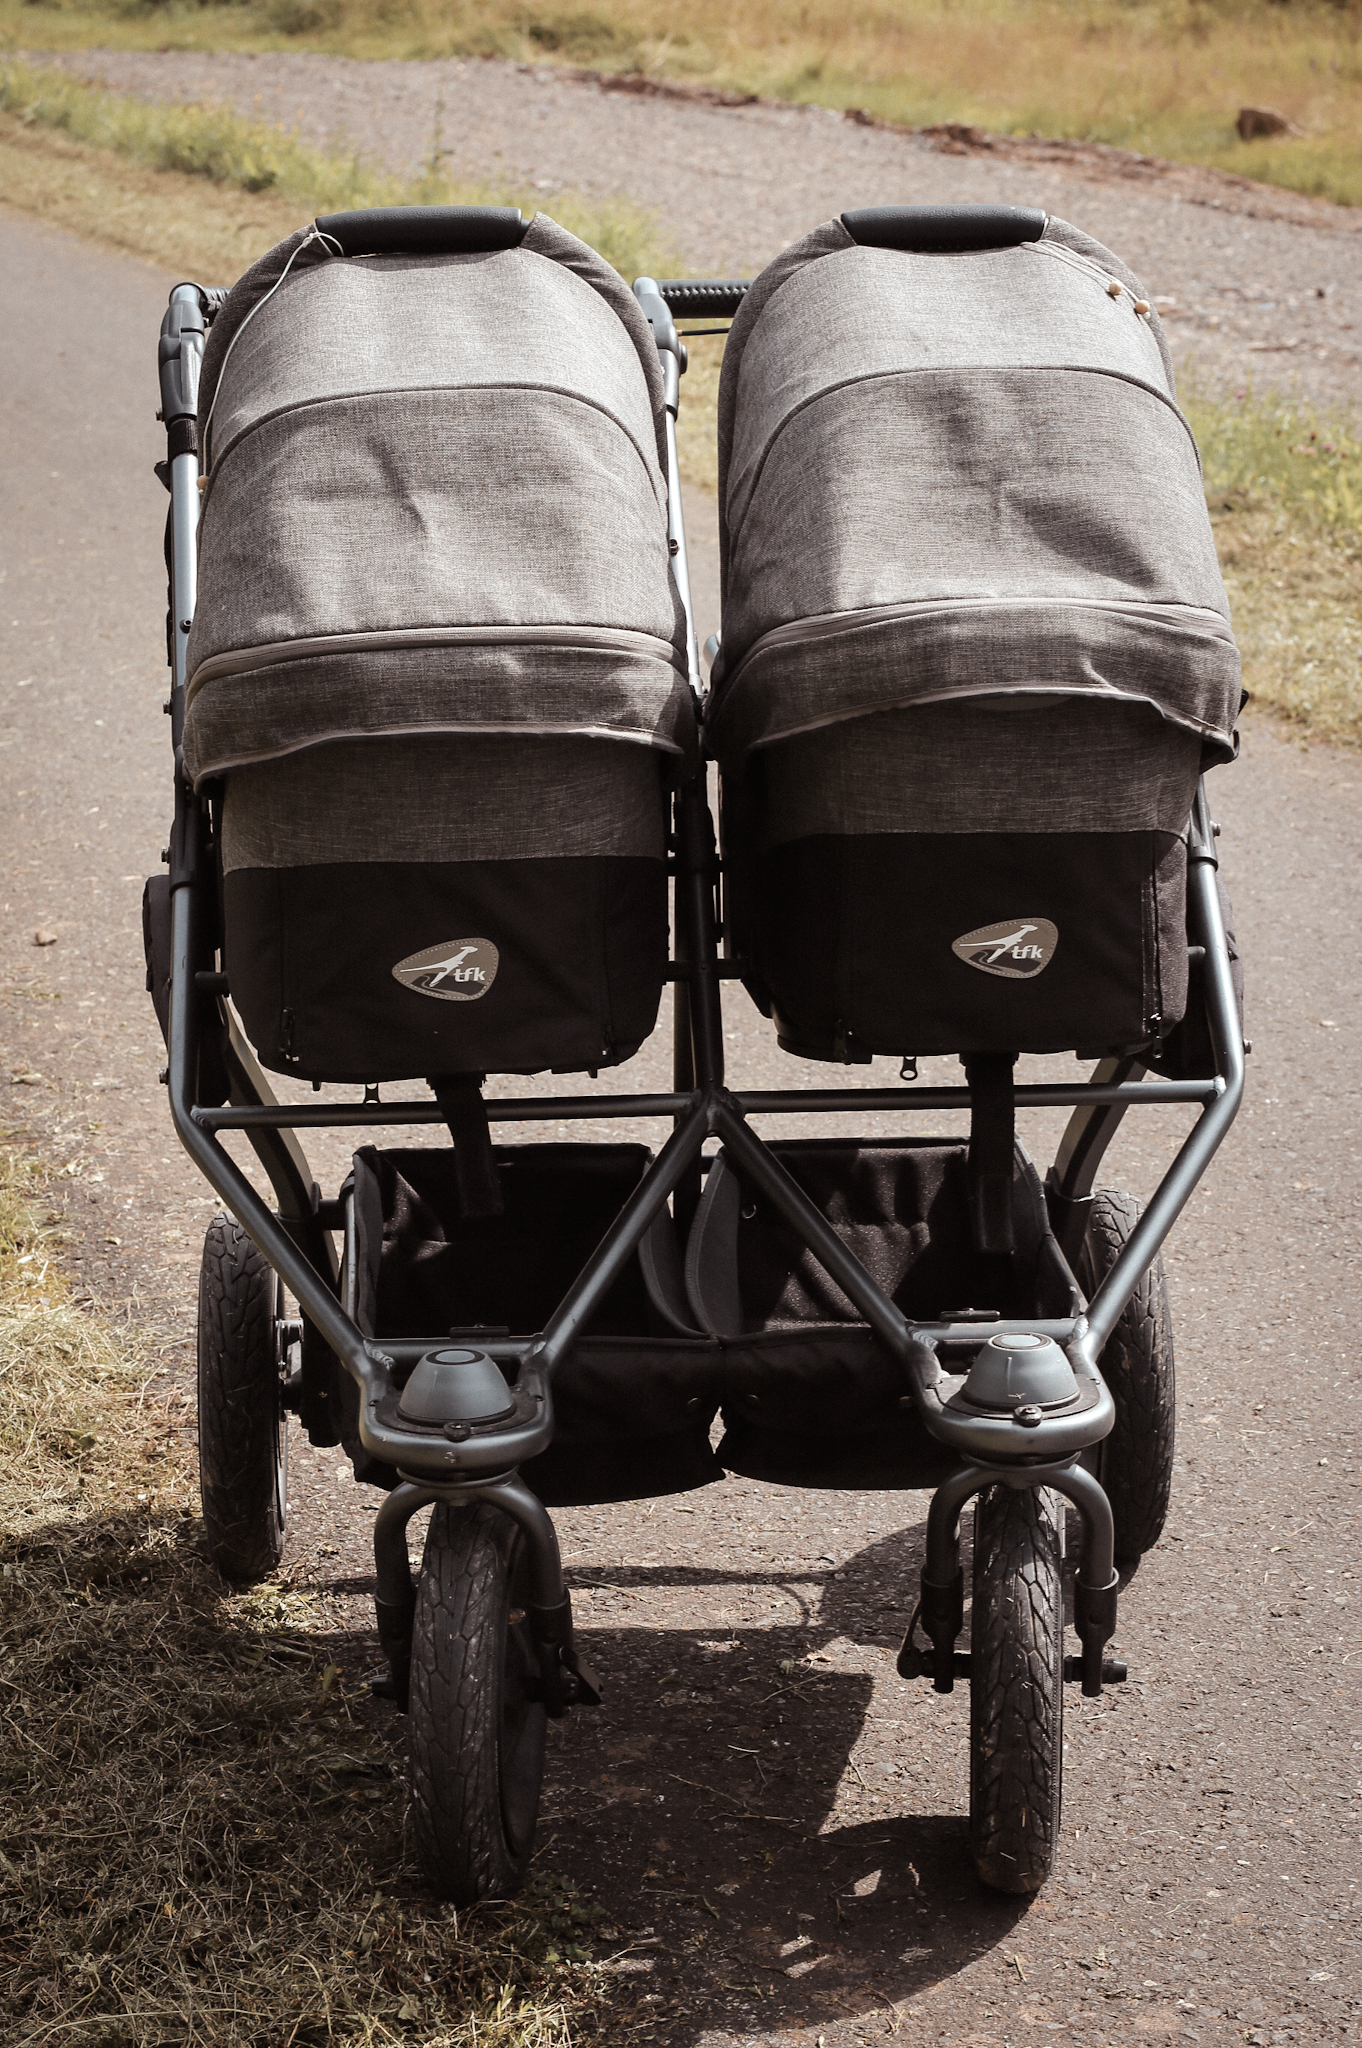 Wie wir den richtigen Kinderwagen für unsere Zwillinge gefunden haben - tfk duo Kombikinderwagen Zwillingseltern Eltern #wirwerdeneltern #kinderwagen #zwillingskinderwagen #zwillingseltern #parentstobe #eineiigezwillinge #elternwerden #elternzeit Familie